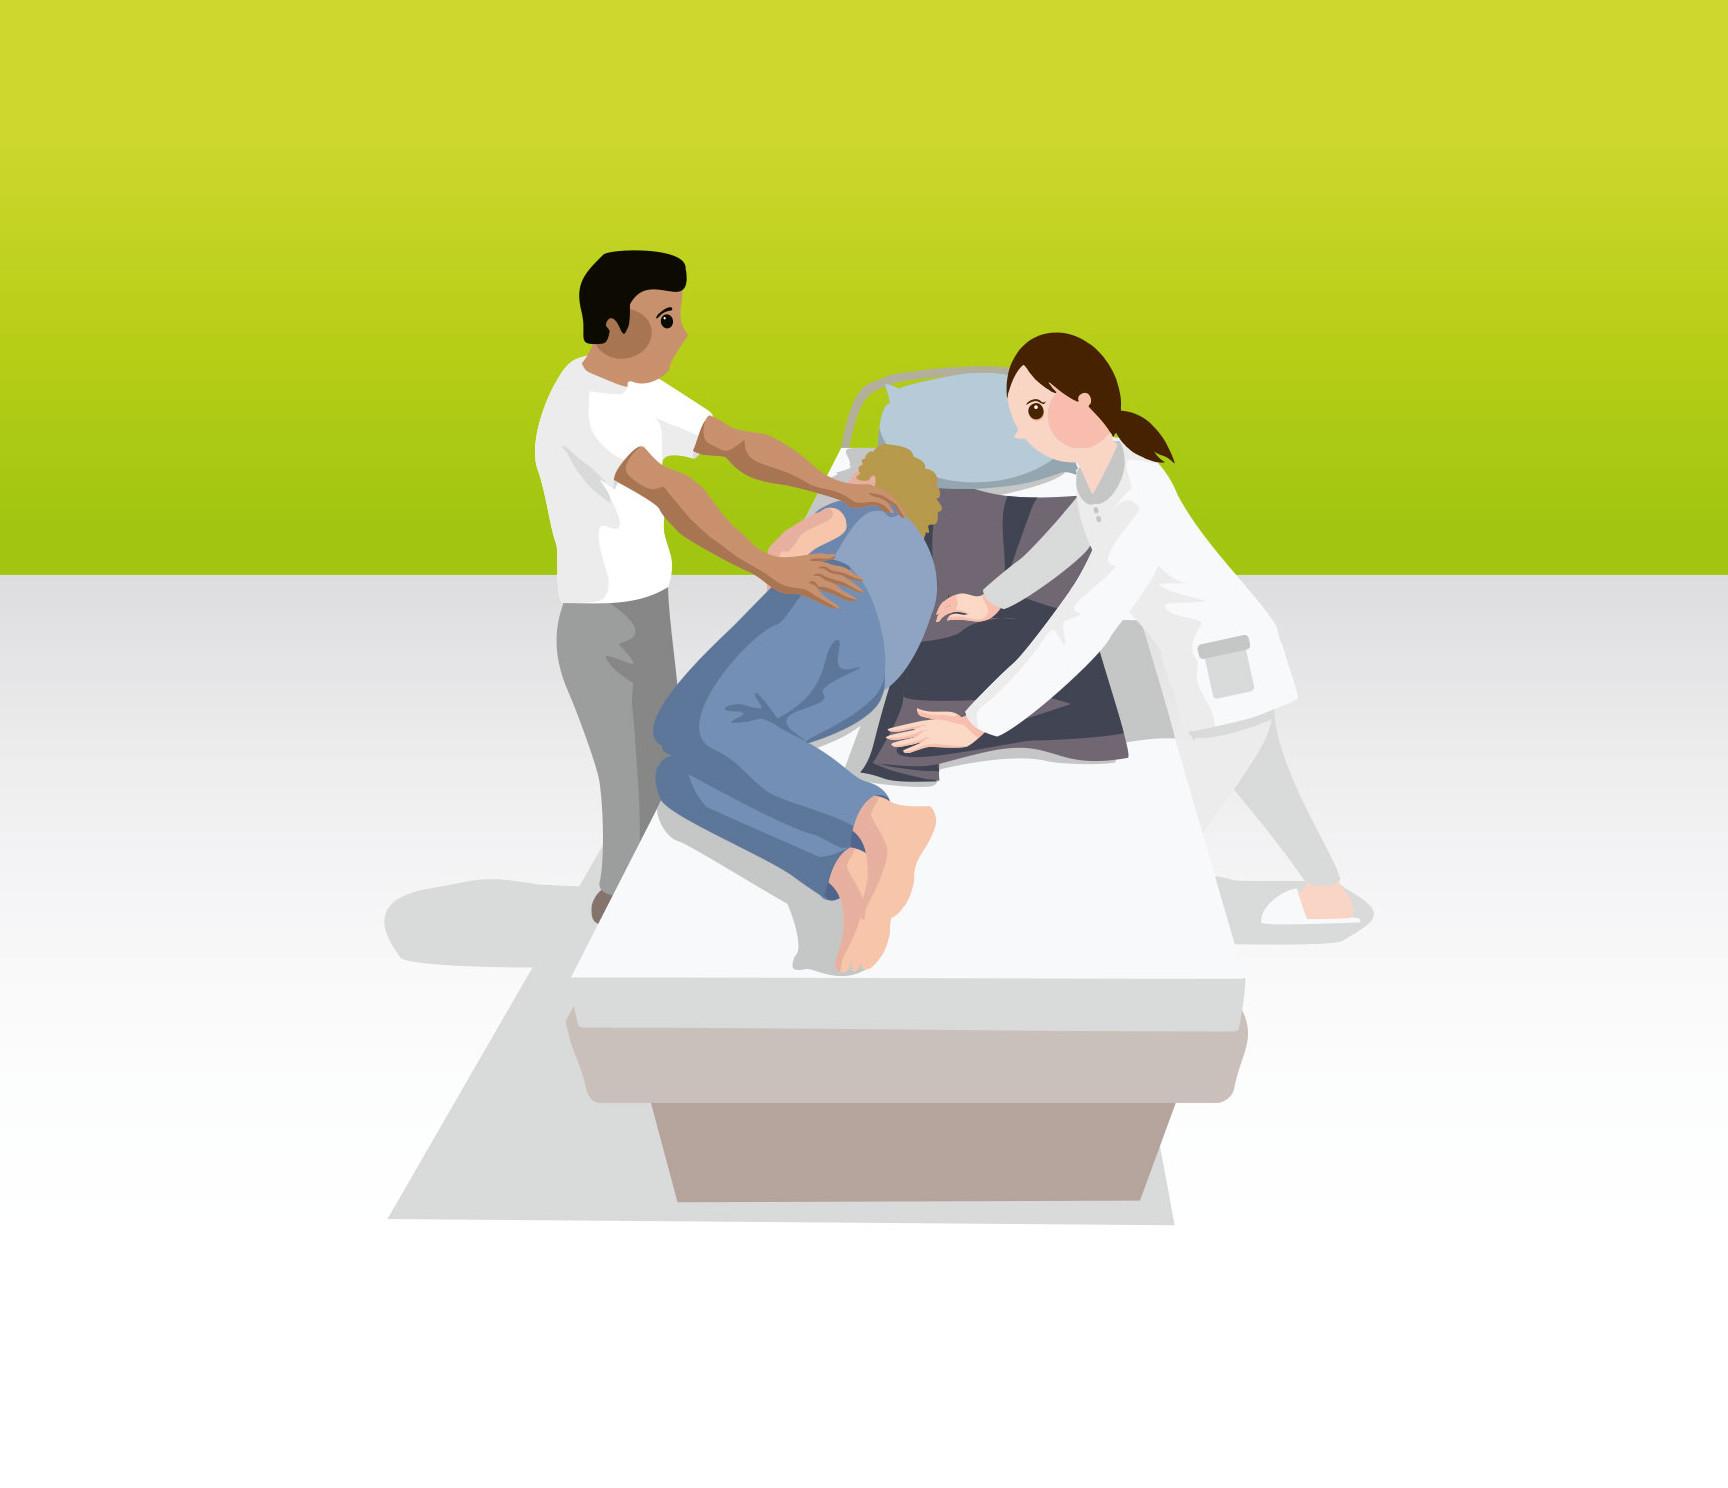 Umlagerung mit Hilfe einer Gleitmatte durch zwei Pflegekräfte